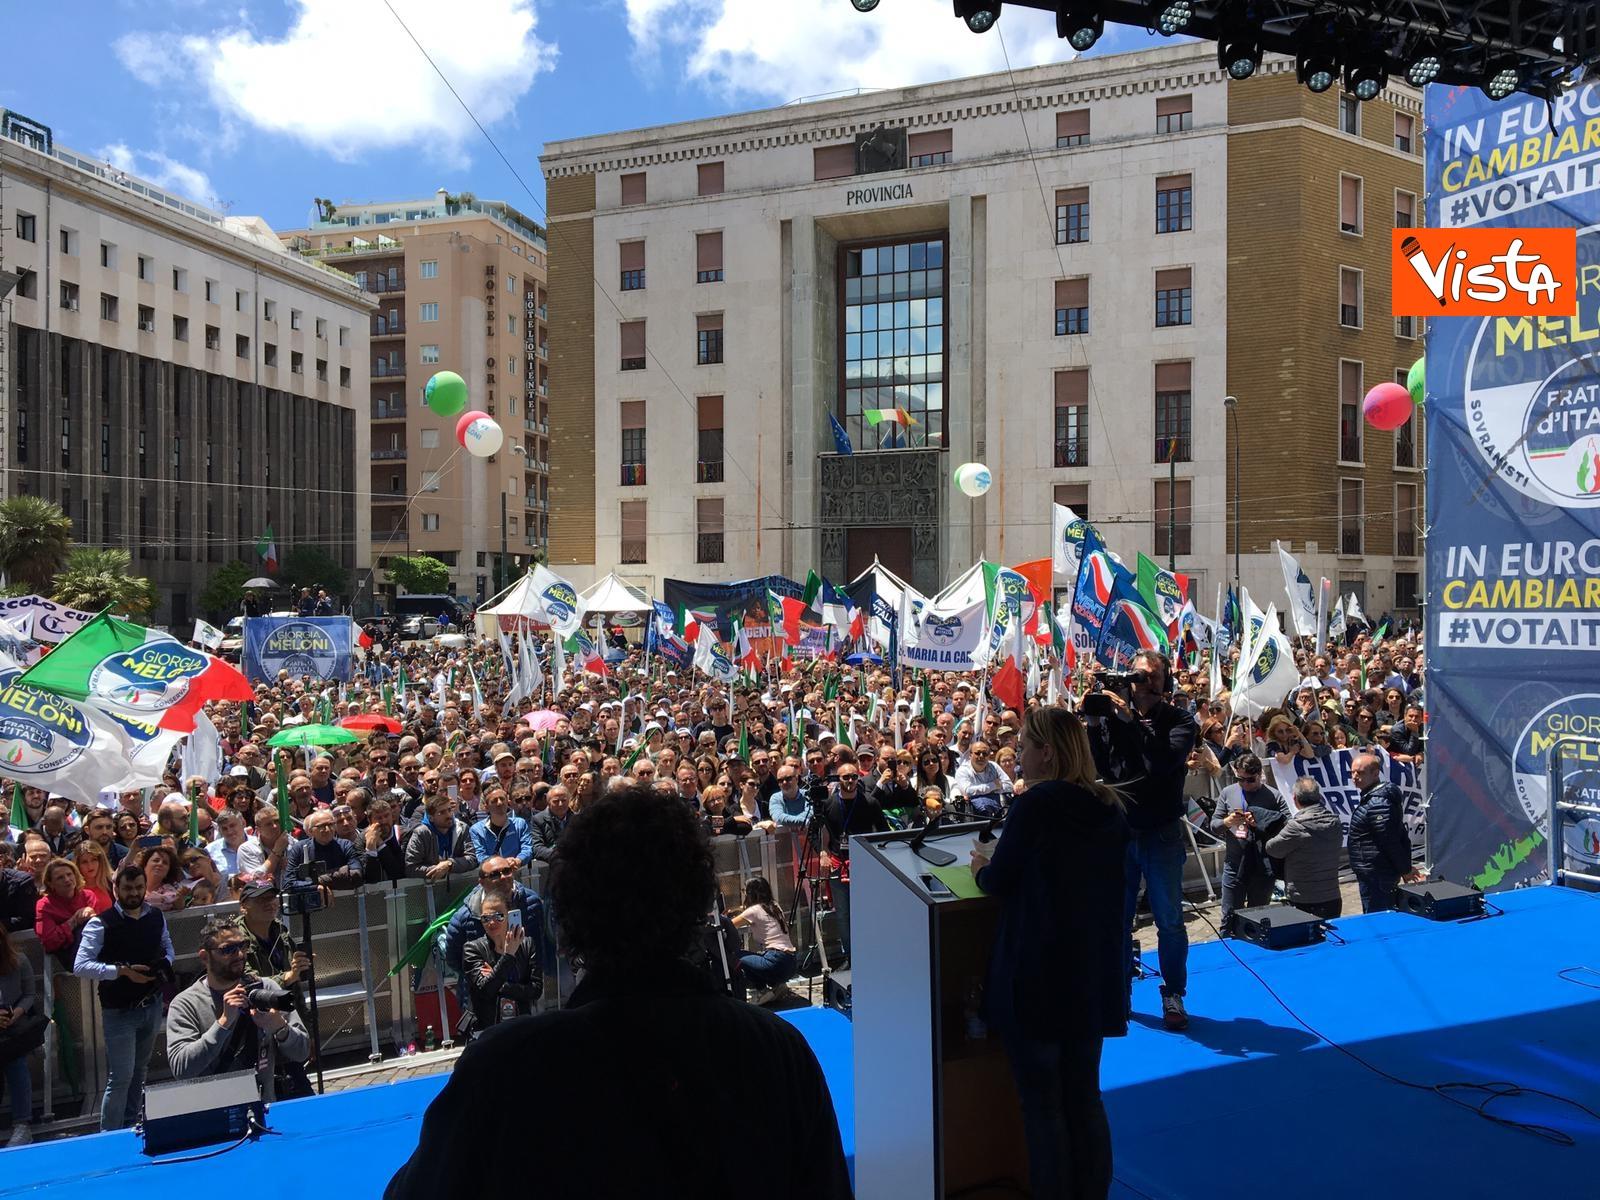 19-05-19 Europee Meloni a Napoli piazza gremita di gente per il comizio della leader di FdI_06